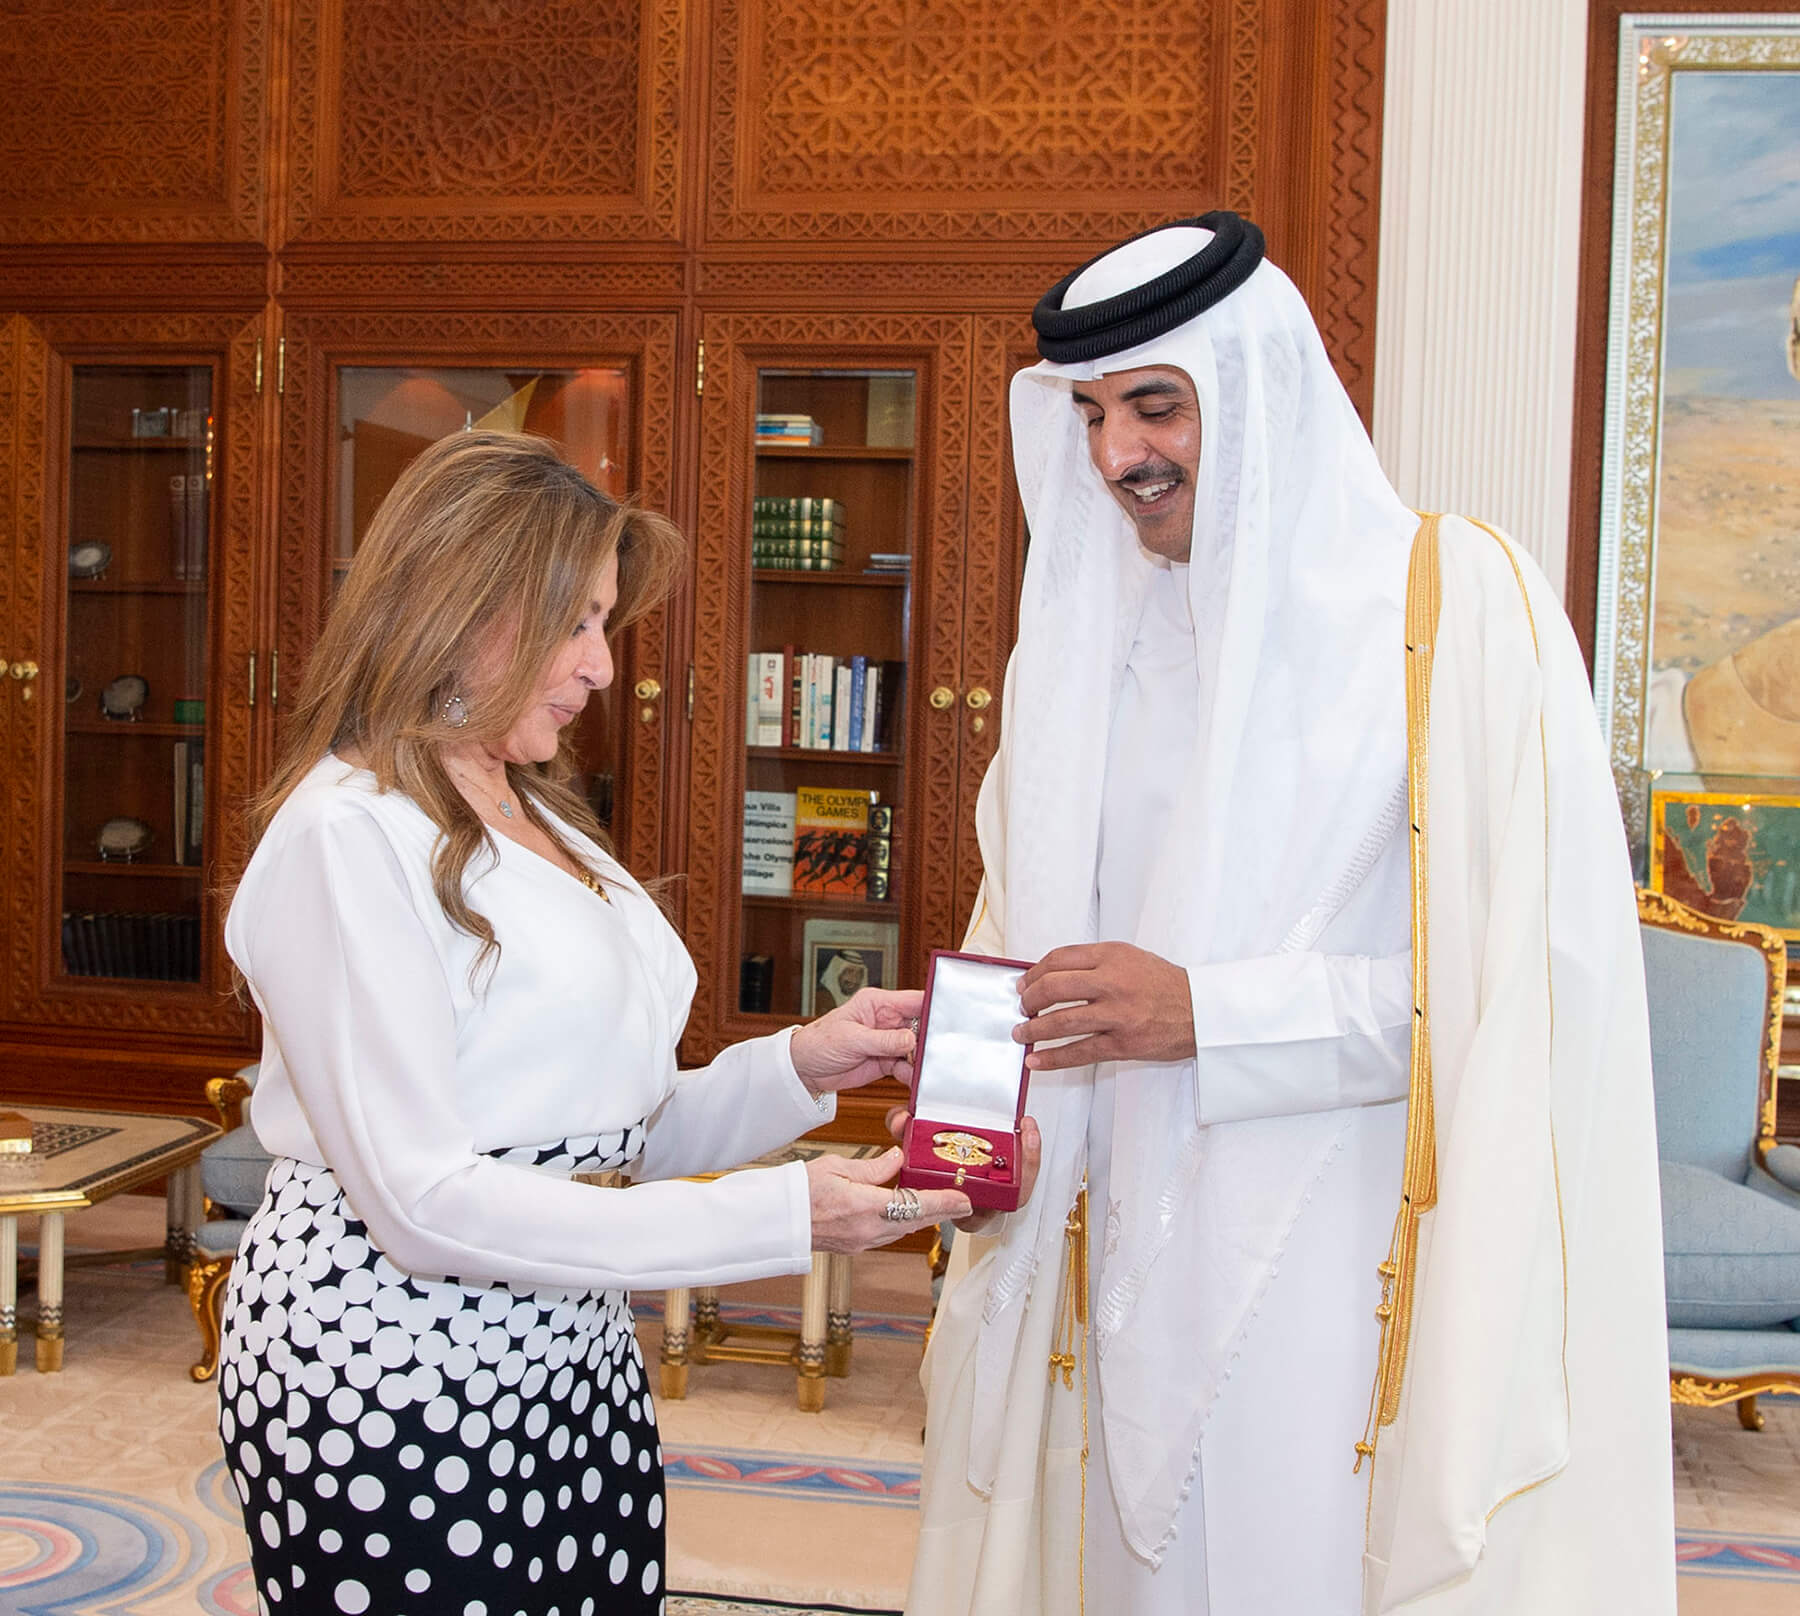 سمو الأمير يستقبل سفيري تركيا والإكوادور